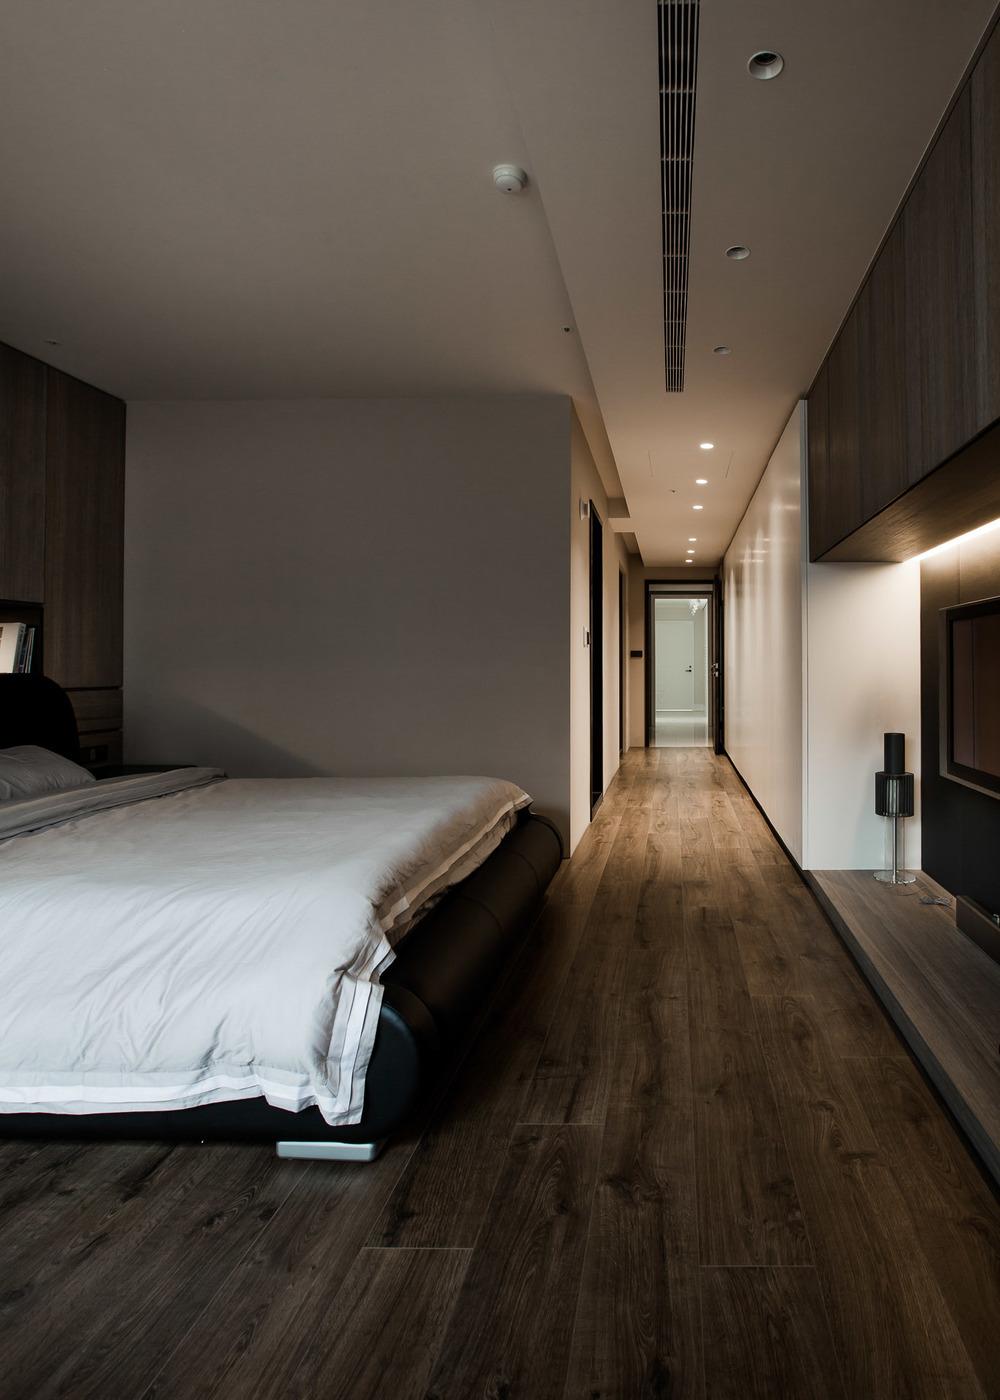 Interior-034.jpg